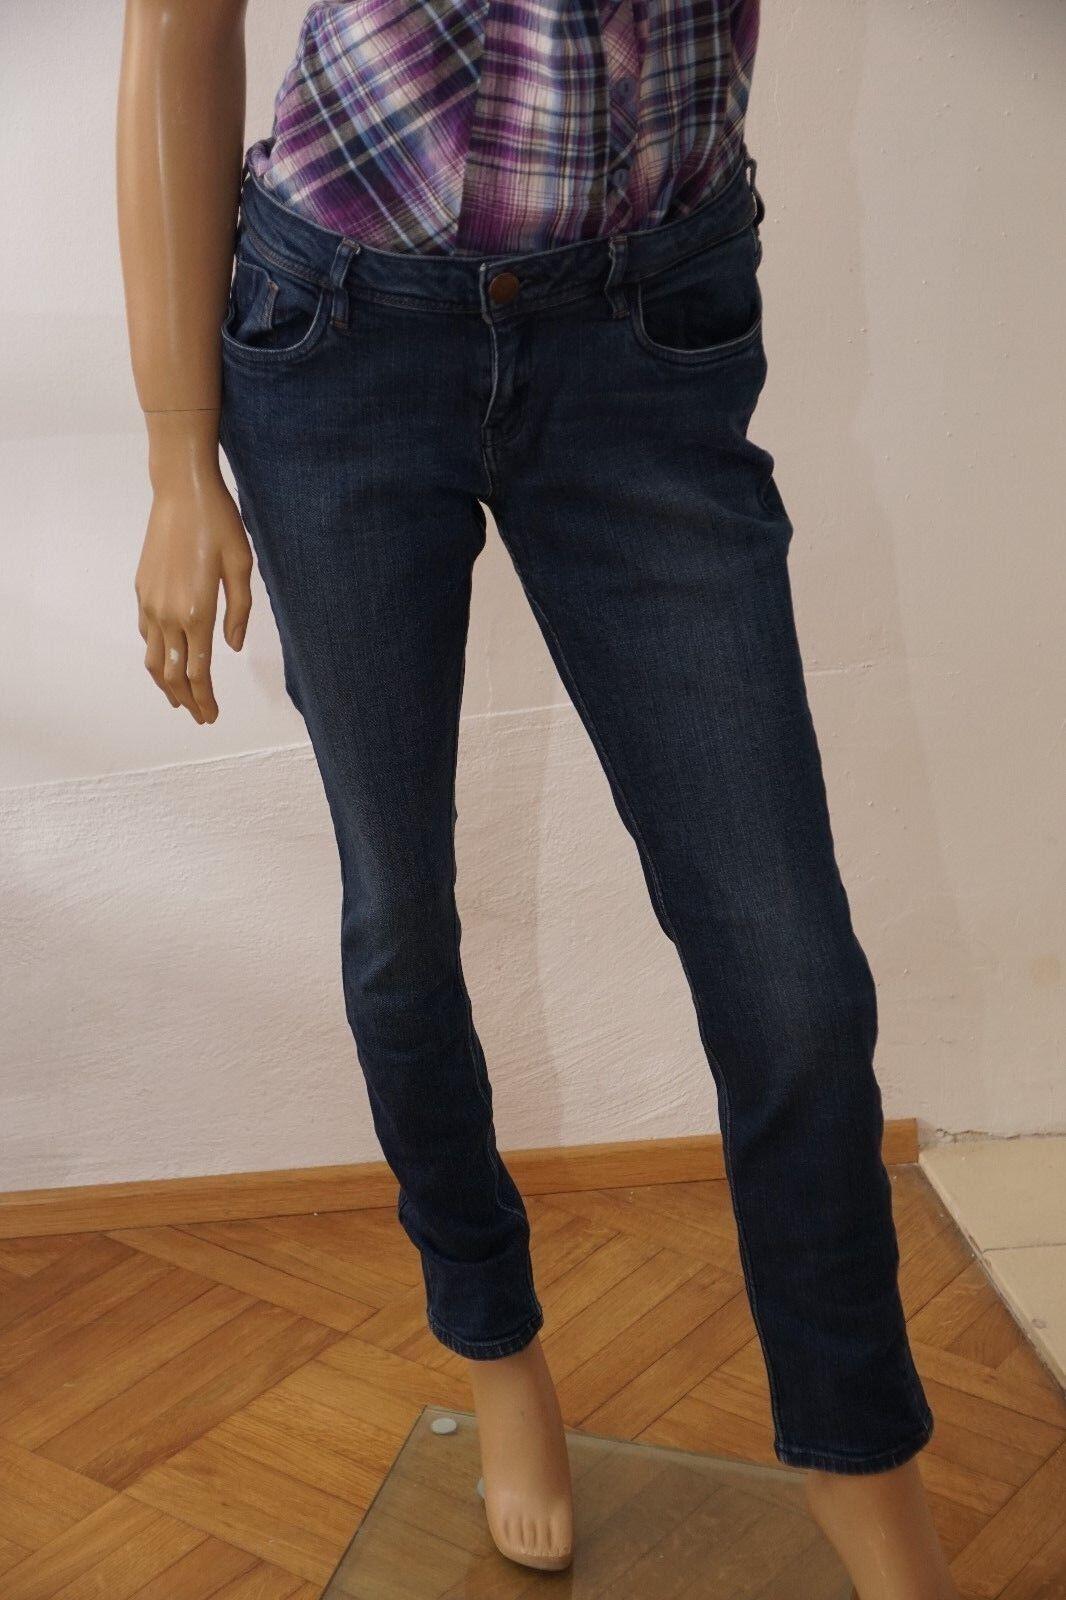 S. Oliver Jeanshose Jeans Damen blau W31 L32 L32 L32 SKINNY  (1801D-BR-OH3 ) | Deutschland Outlet  | Gute Qualität  | Starke Hitze- und Hitzebeständigkeit  | Große Klassifizierung  | Marke  0d0c89